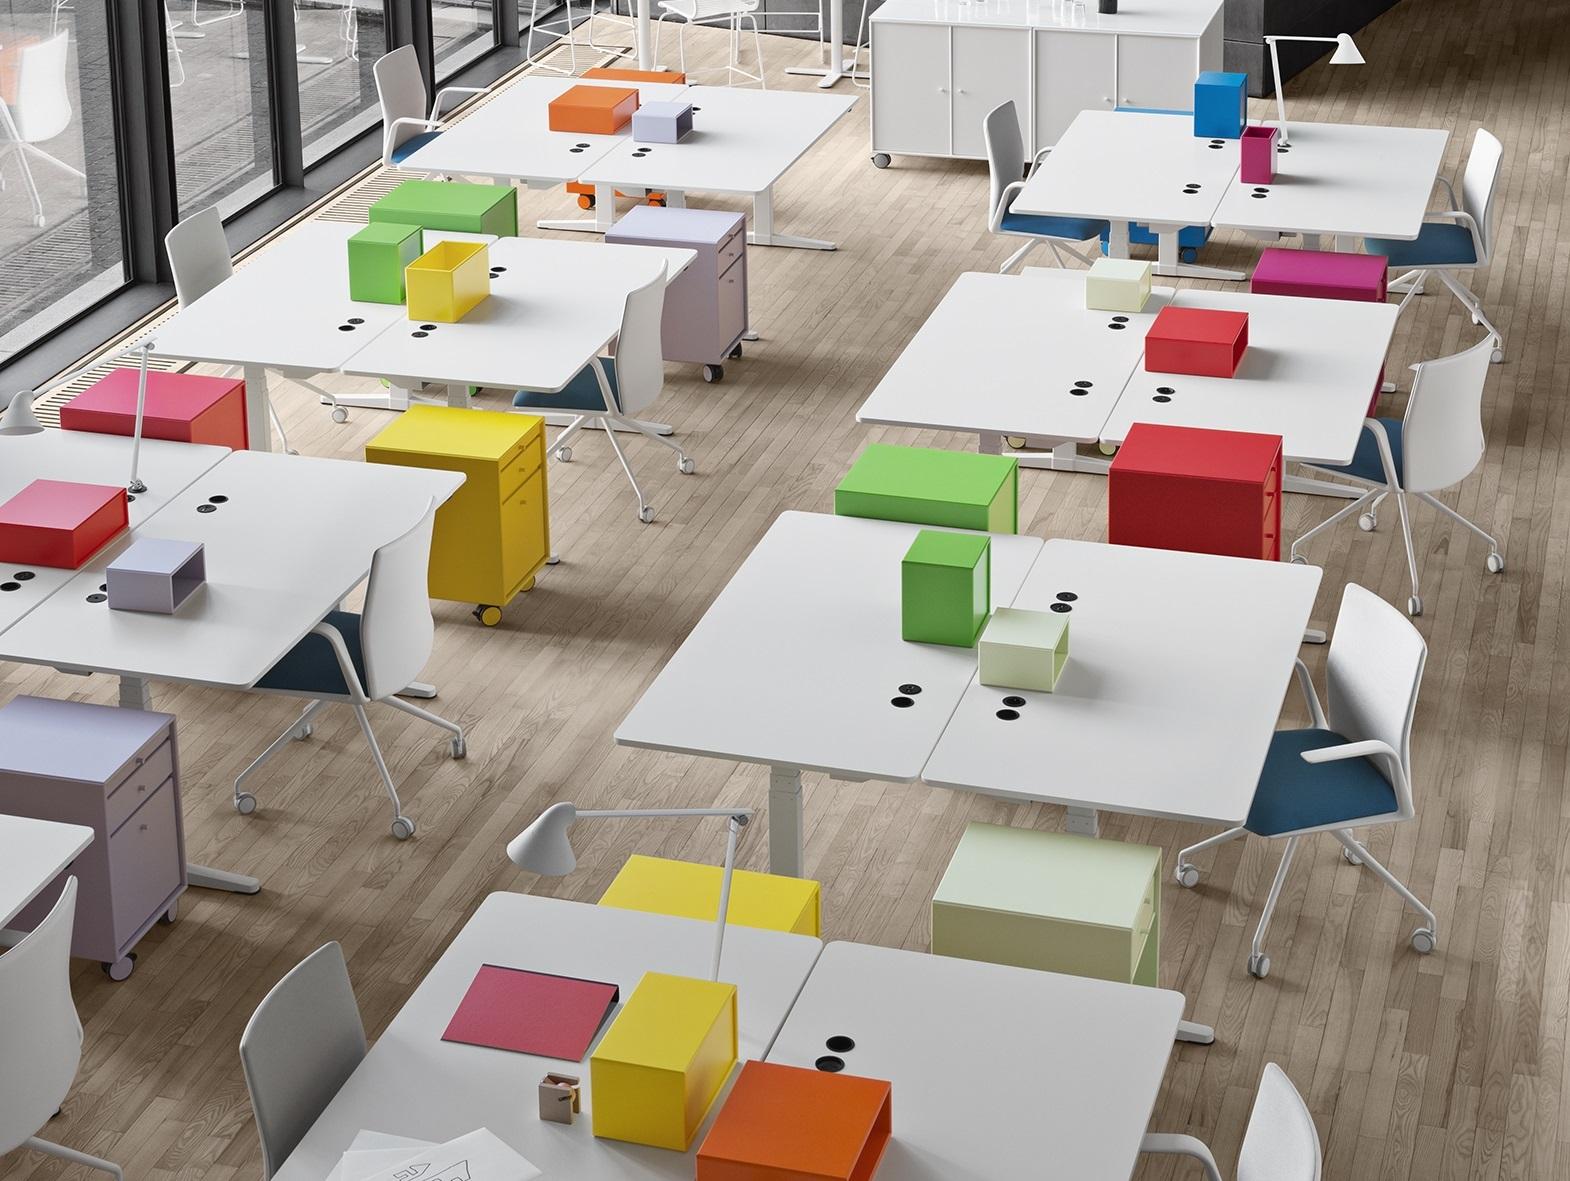 Moderne Büros Desksharing